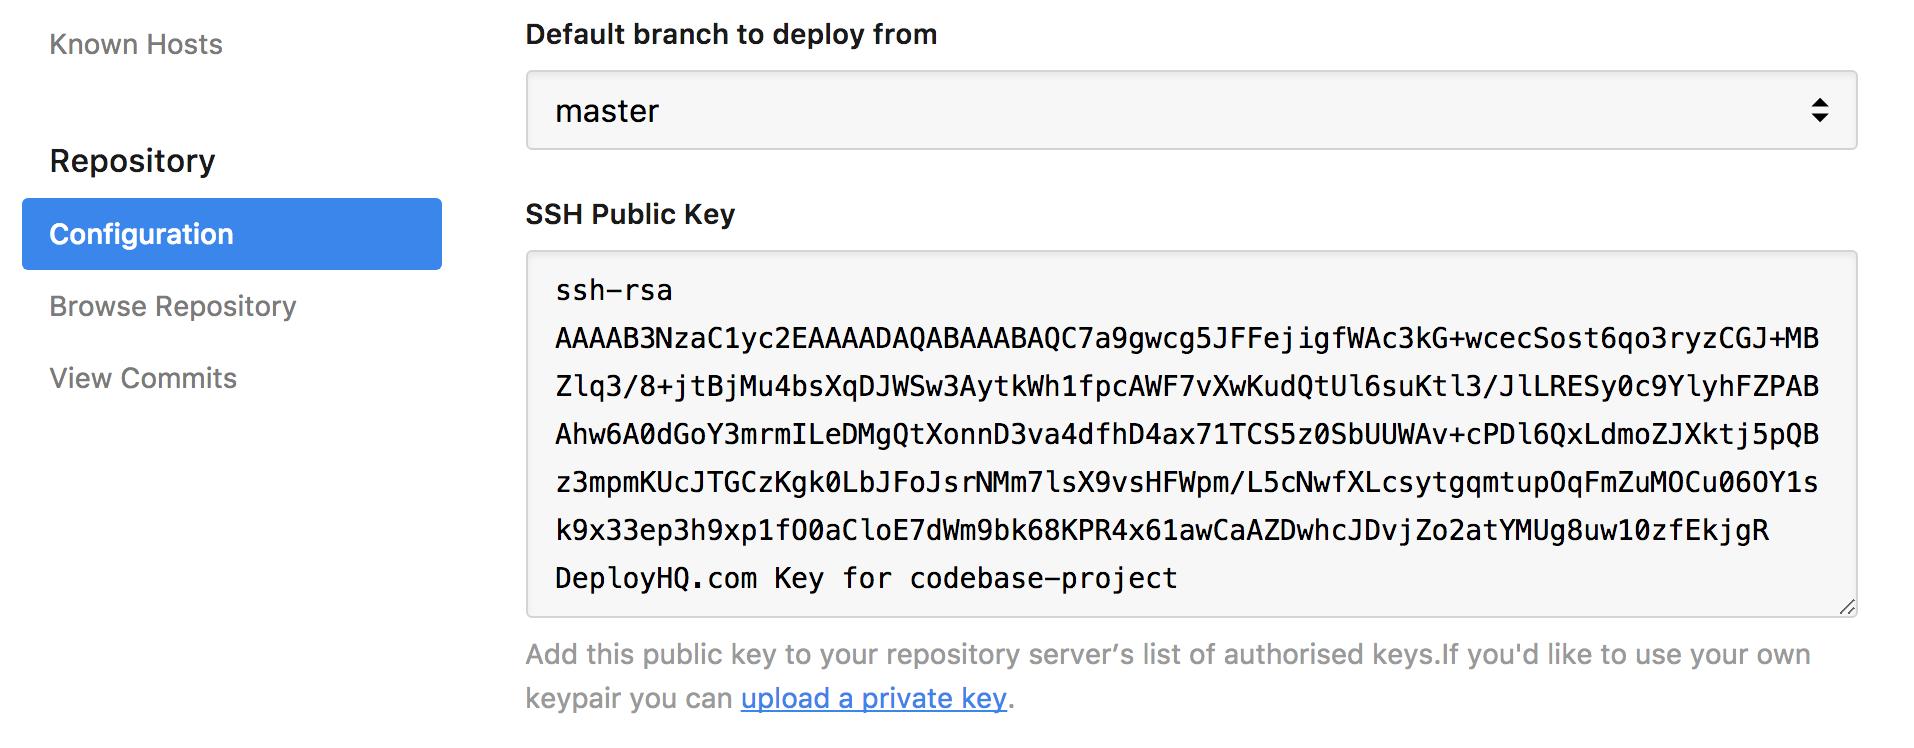 DeployHQ public key